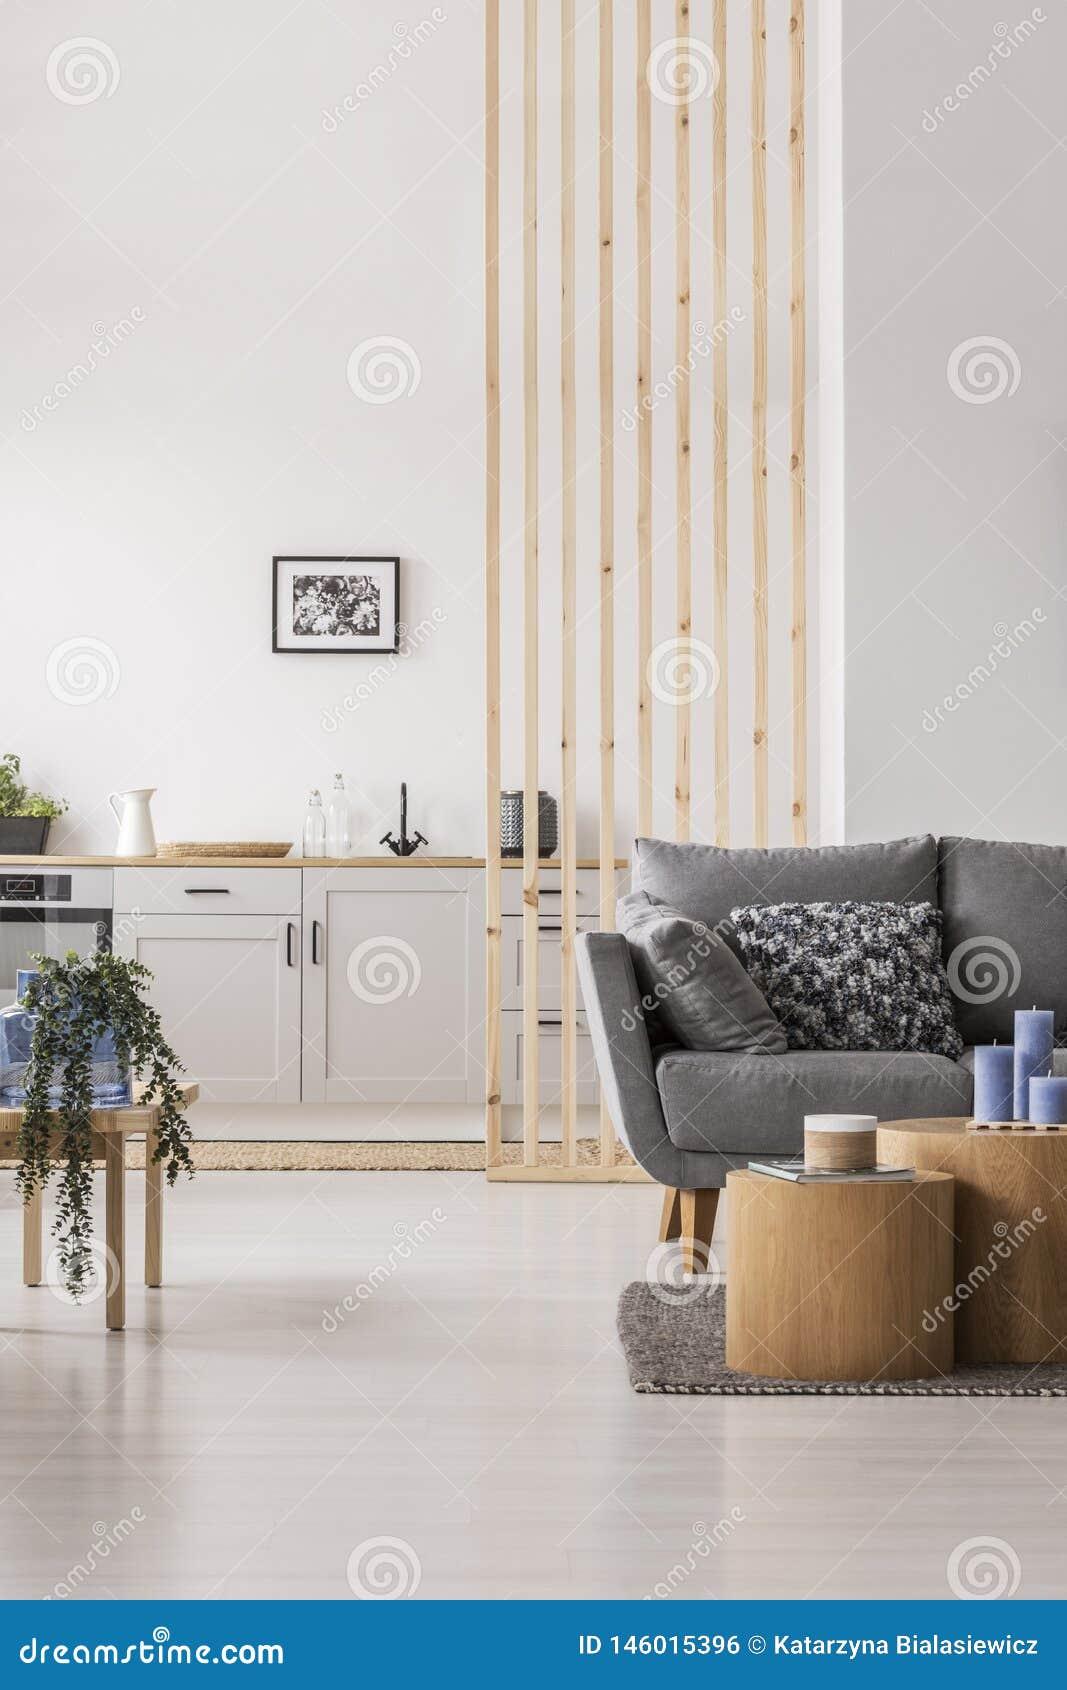 Open zitslaapkamer met kleine witte keuken en woonkamer met grijze laag en houten koffietafel